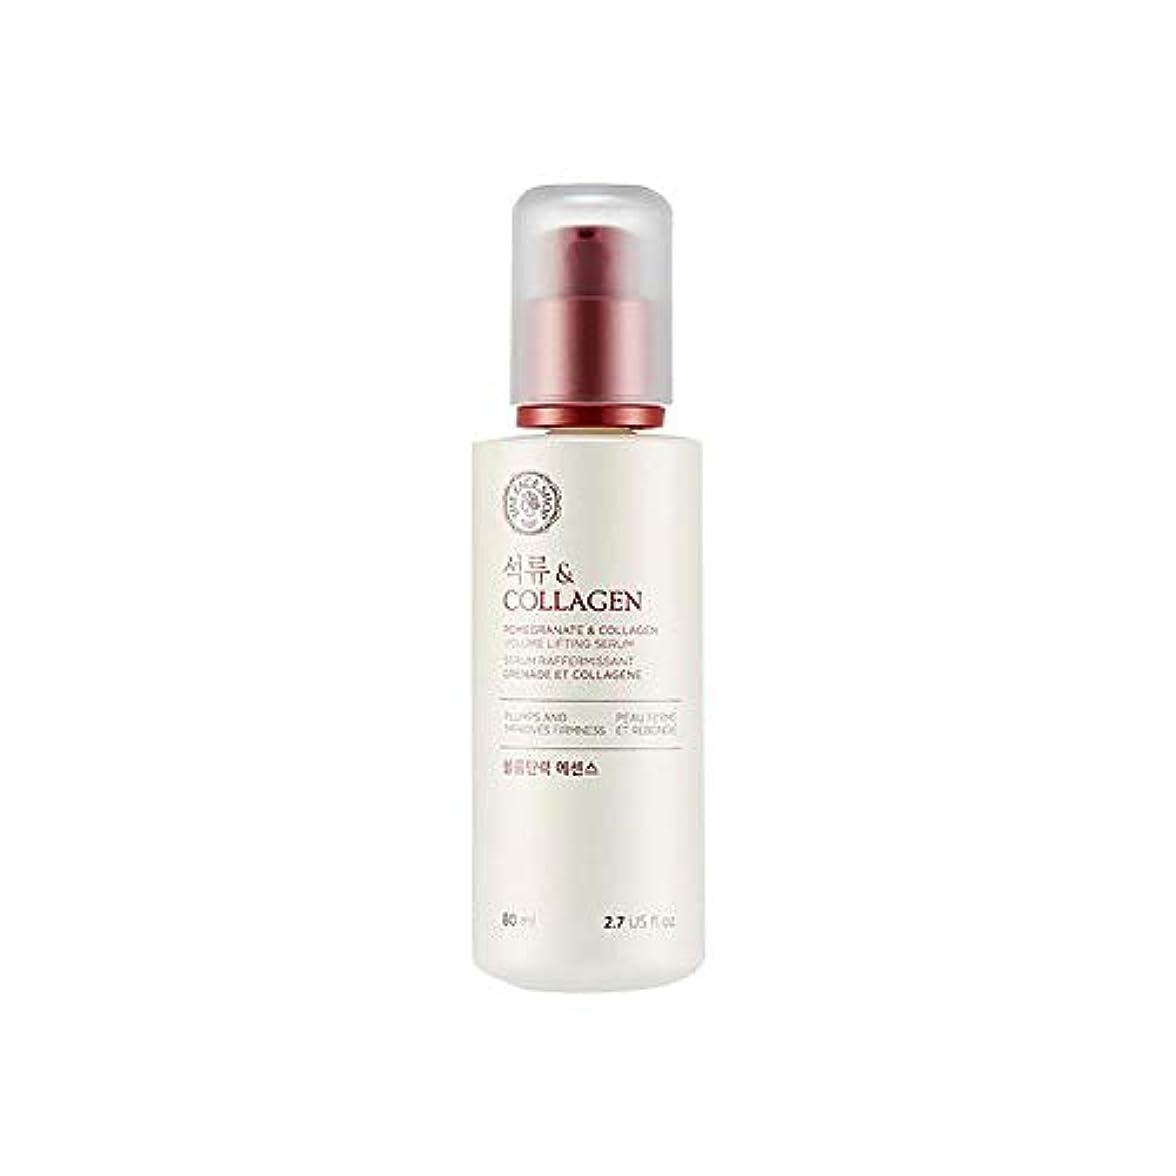 テレビ海洋小さい[ザ·フェイスショップ] The Face Shop ザクロアンドコラーゲン弾力エッセンス(80ml) The Face Shop Pomegranate and Collagen Volume Lifting Essence...